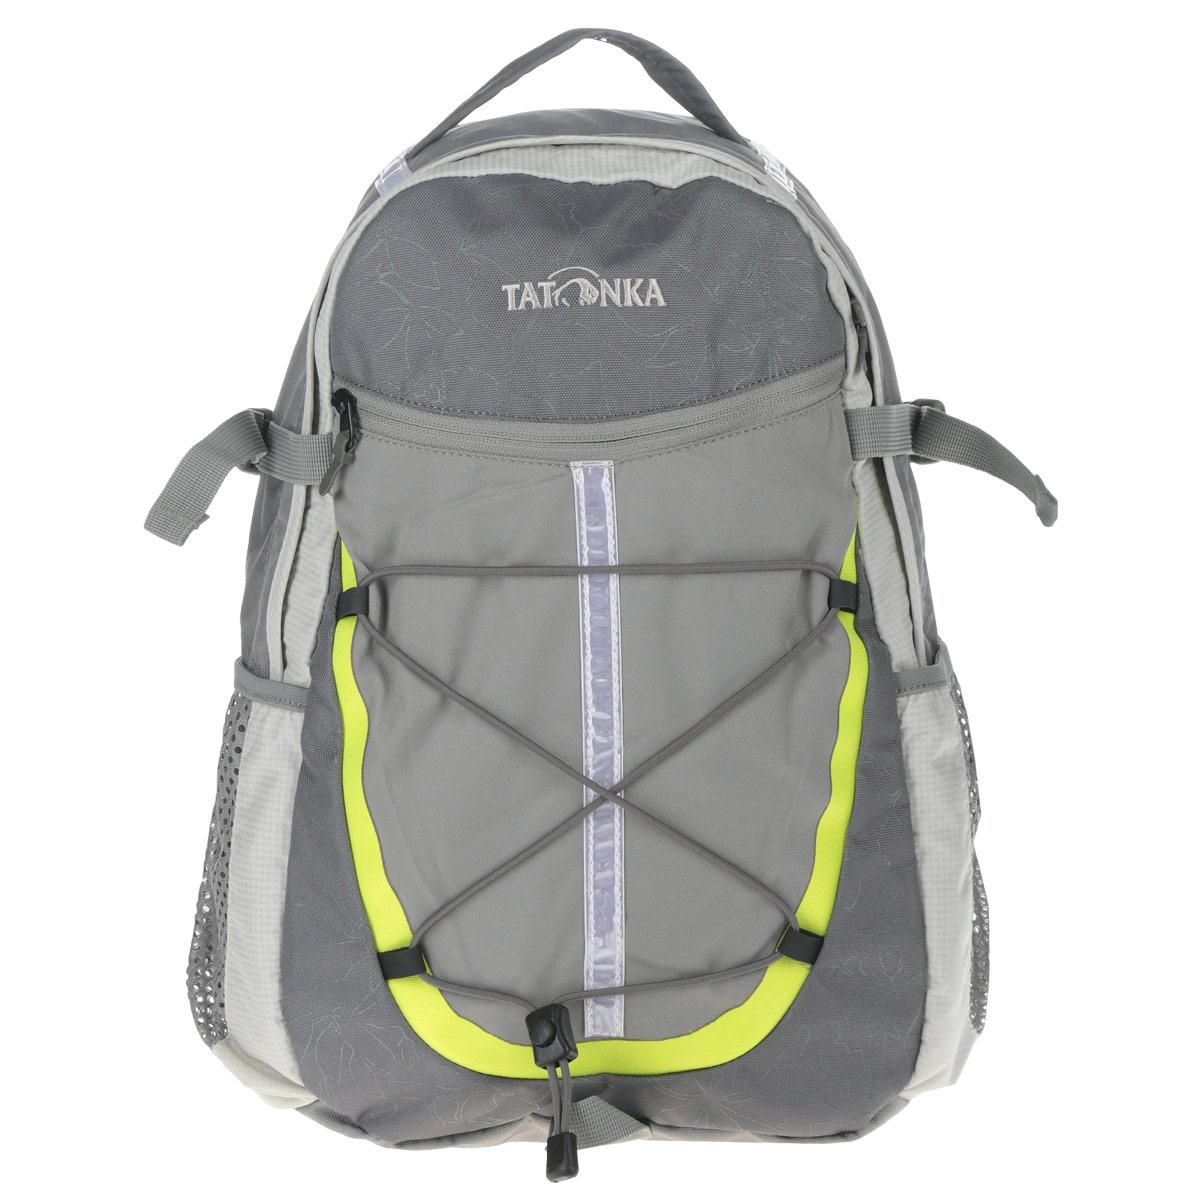 """Спортивный практичный рюкзак Tatonka """"Alpine Teen"""" обязательно пригодится вашему ребенку для похода. Выполнен из прочного и высококачественного материала. Содержит одно вместительное отделение, закрывающееся на застежку-молнию. Внутри отделения находится открытый кармана, на котором имеется именная бирка. По бокам изделия расположены два открытых кармана-сетка. На лицевой стороне имеется прорезной карман на застежке-молнии. Также у рюкзака предусмотрены держатели для походных палок. Эластичный корд на переднем кармане, предусмотренный для крепления различных мелочей. Параметры системы подвески с мягкой спинкой и мягкими плечевыми ремнями S-образной формы разработаны с учетом анатомических особенностей ребенка и, тем самым, идеально подходит для юных туристов. У рюкзака имеется текстильная ручка для удобной переноски в руке. Яркий дизайн и функциональность делают данный рюкзак универсальным для отдыха на природе, рюкзак также может использоваться, как школьный..."""